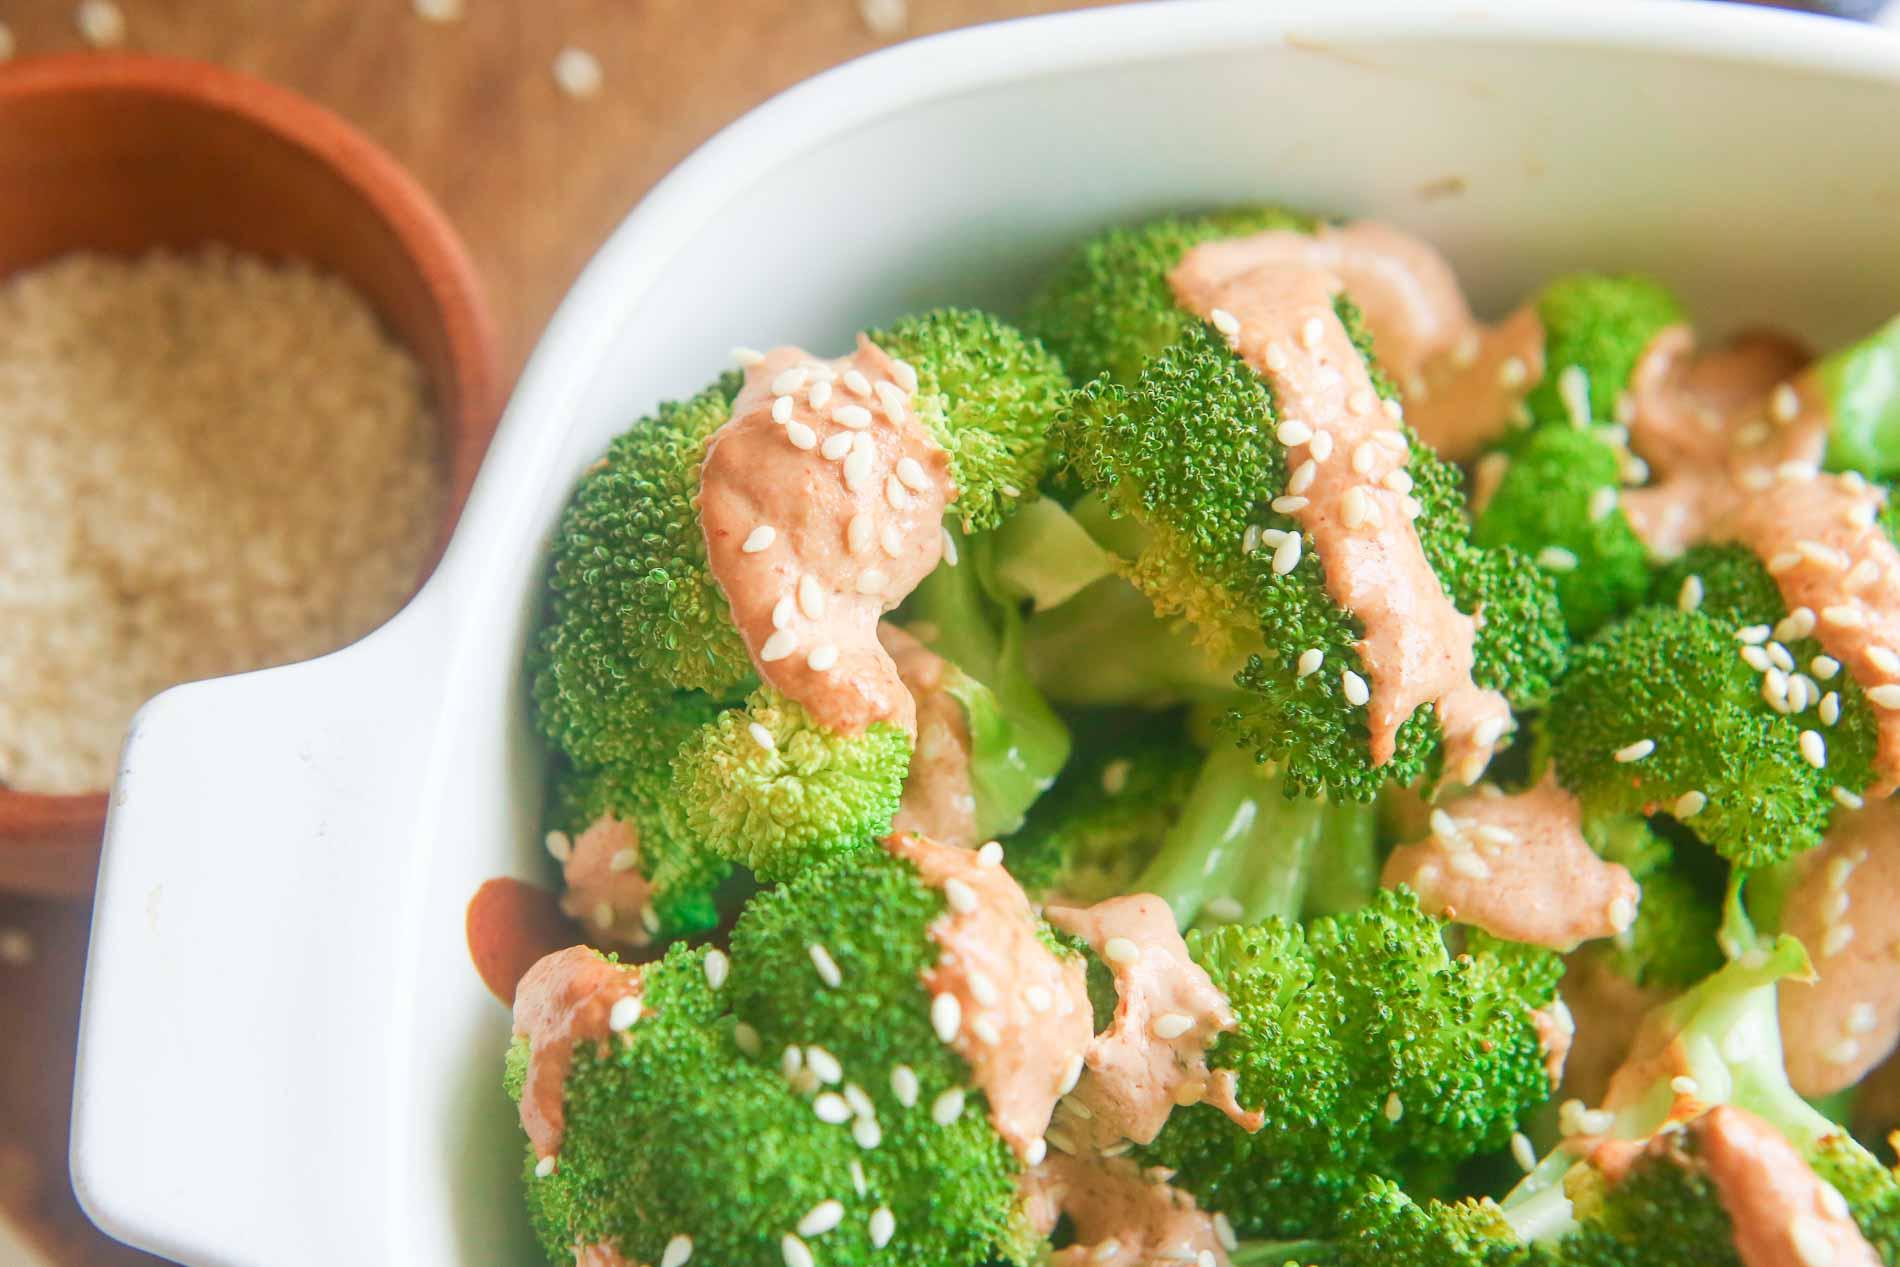 sriracha mayo cream broccoli recipe picture